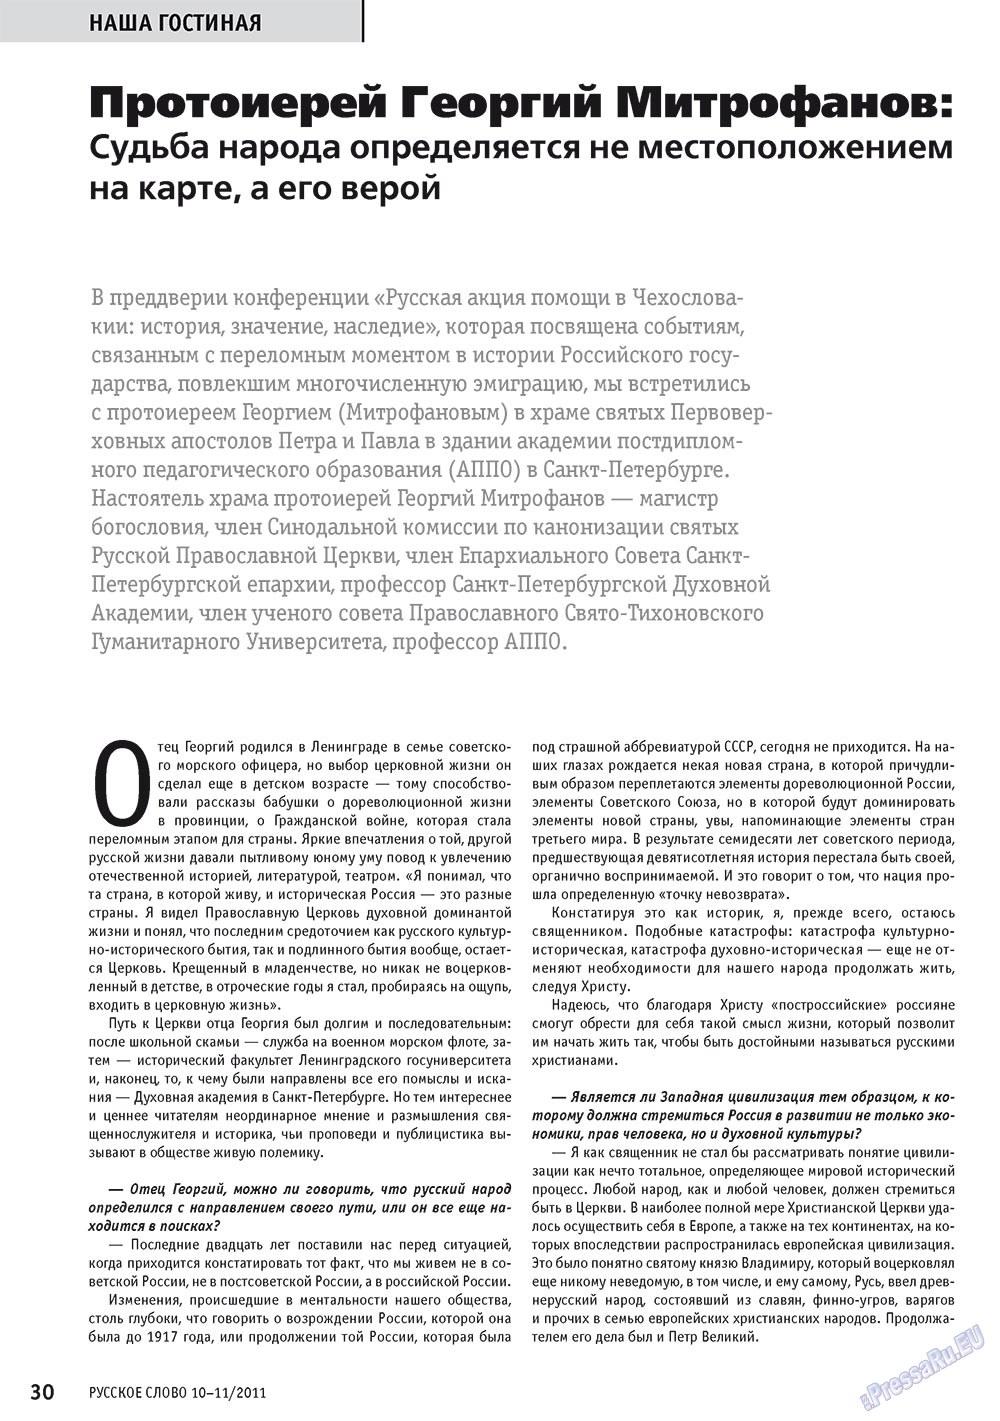 Русское слово (журнал). 2011 год, номер 10, стр. 32